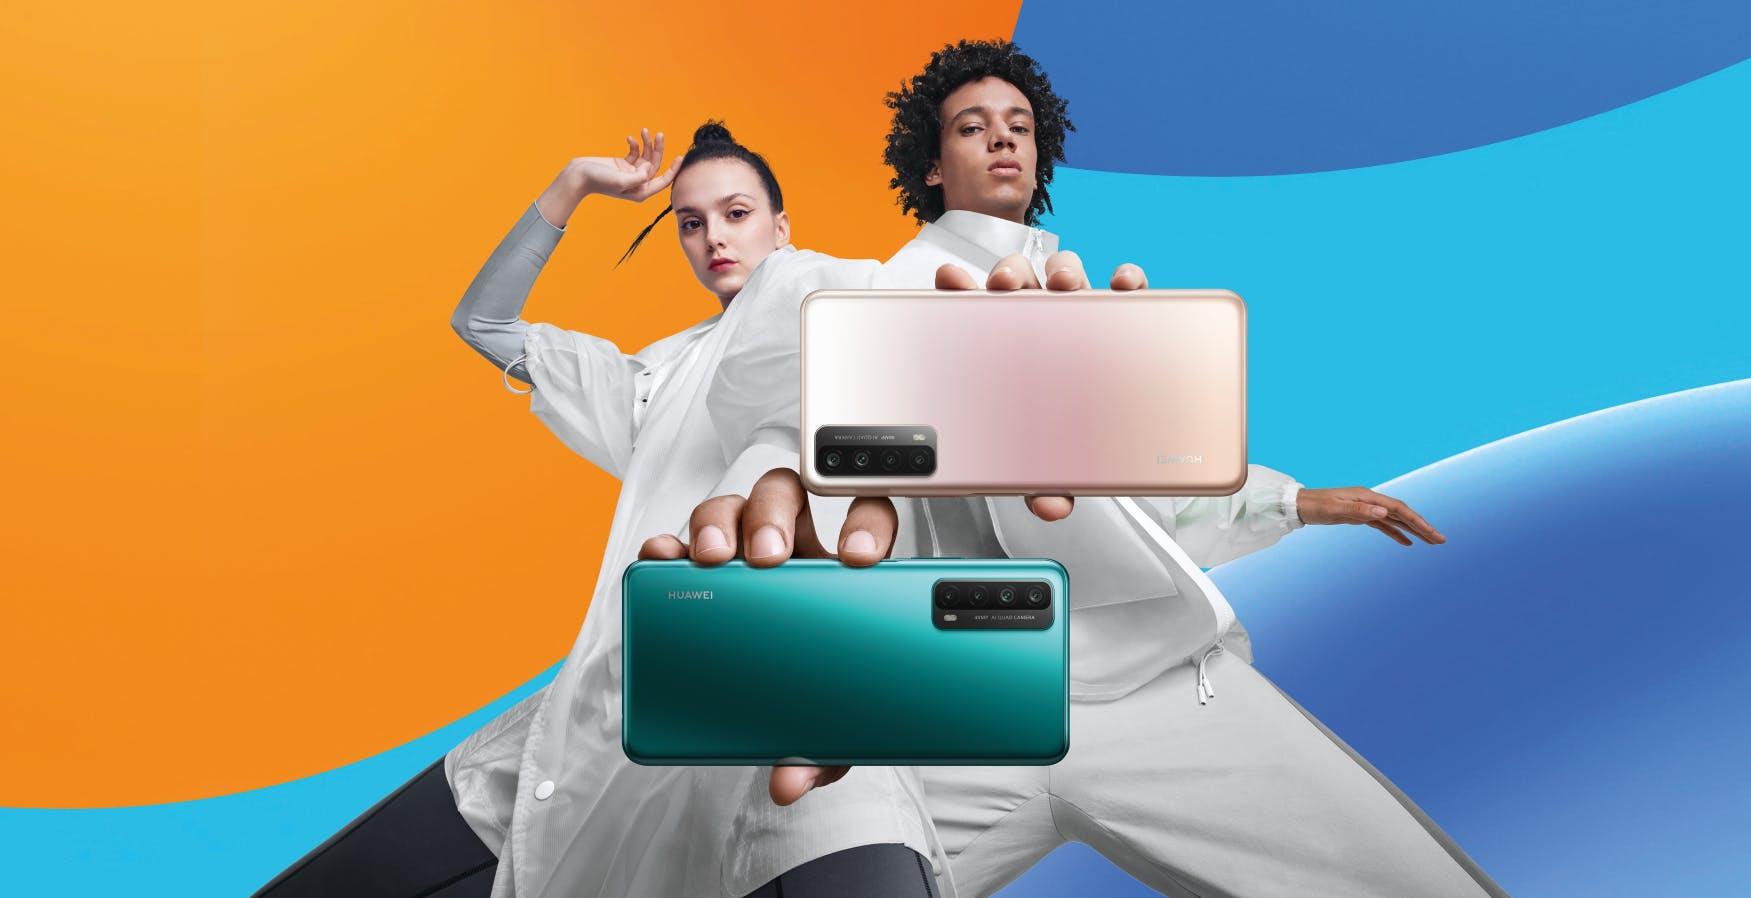 Huawei fa provare i suoi prodotti. Al via Try & Stay, per diventare recensori di tecnologia